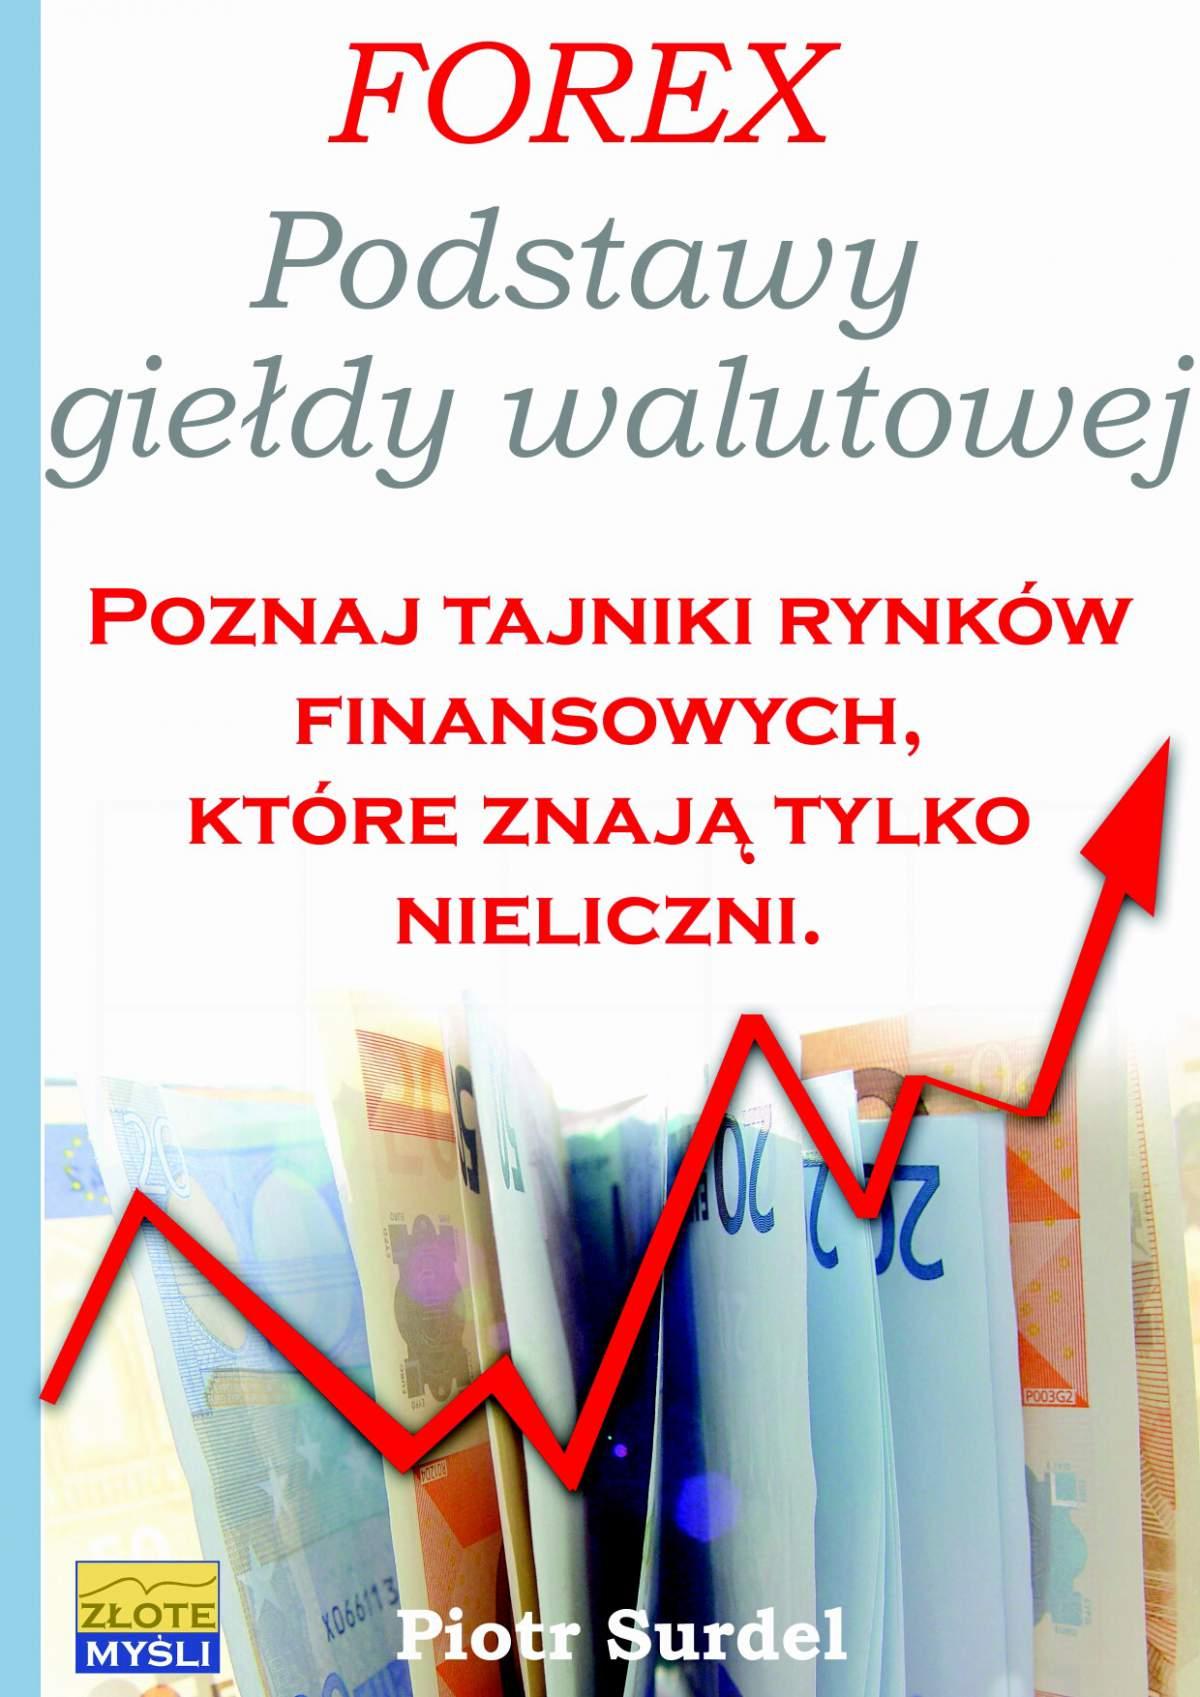 Forex 1. Podstawy Giełdy Walutowej - Ebook (Książka EPUB) do pobrania w formacie EPUB